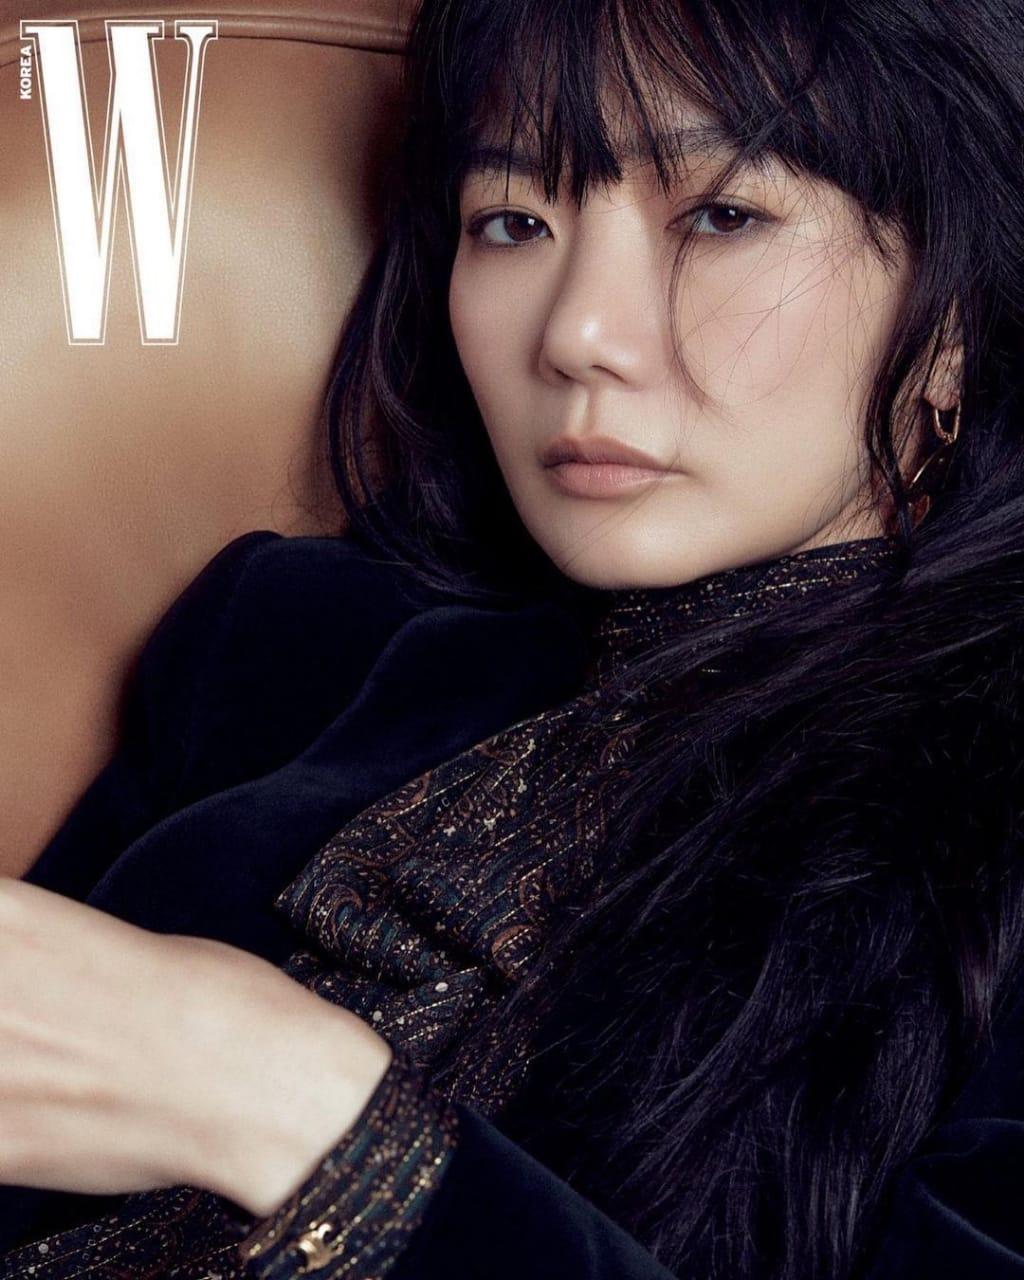 11 Aktris Korea Yang Semakin Bersinar, Padahal Dulunya Model 4